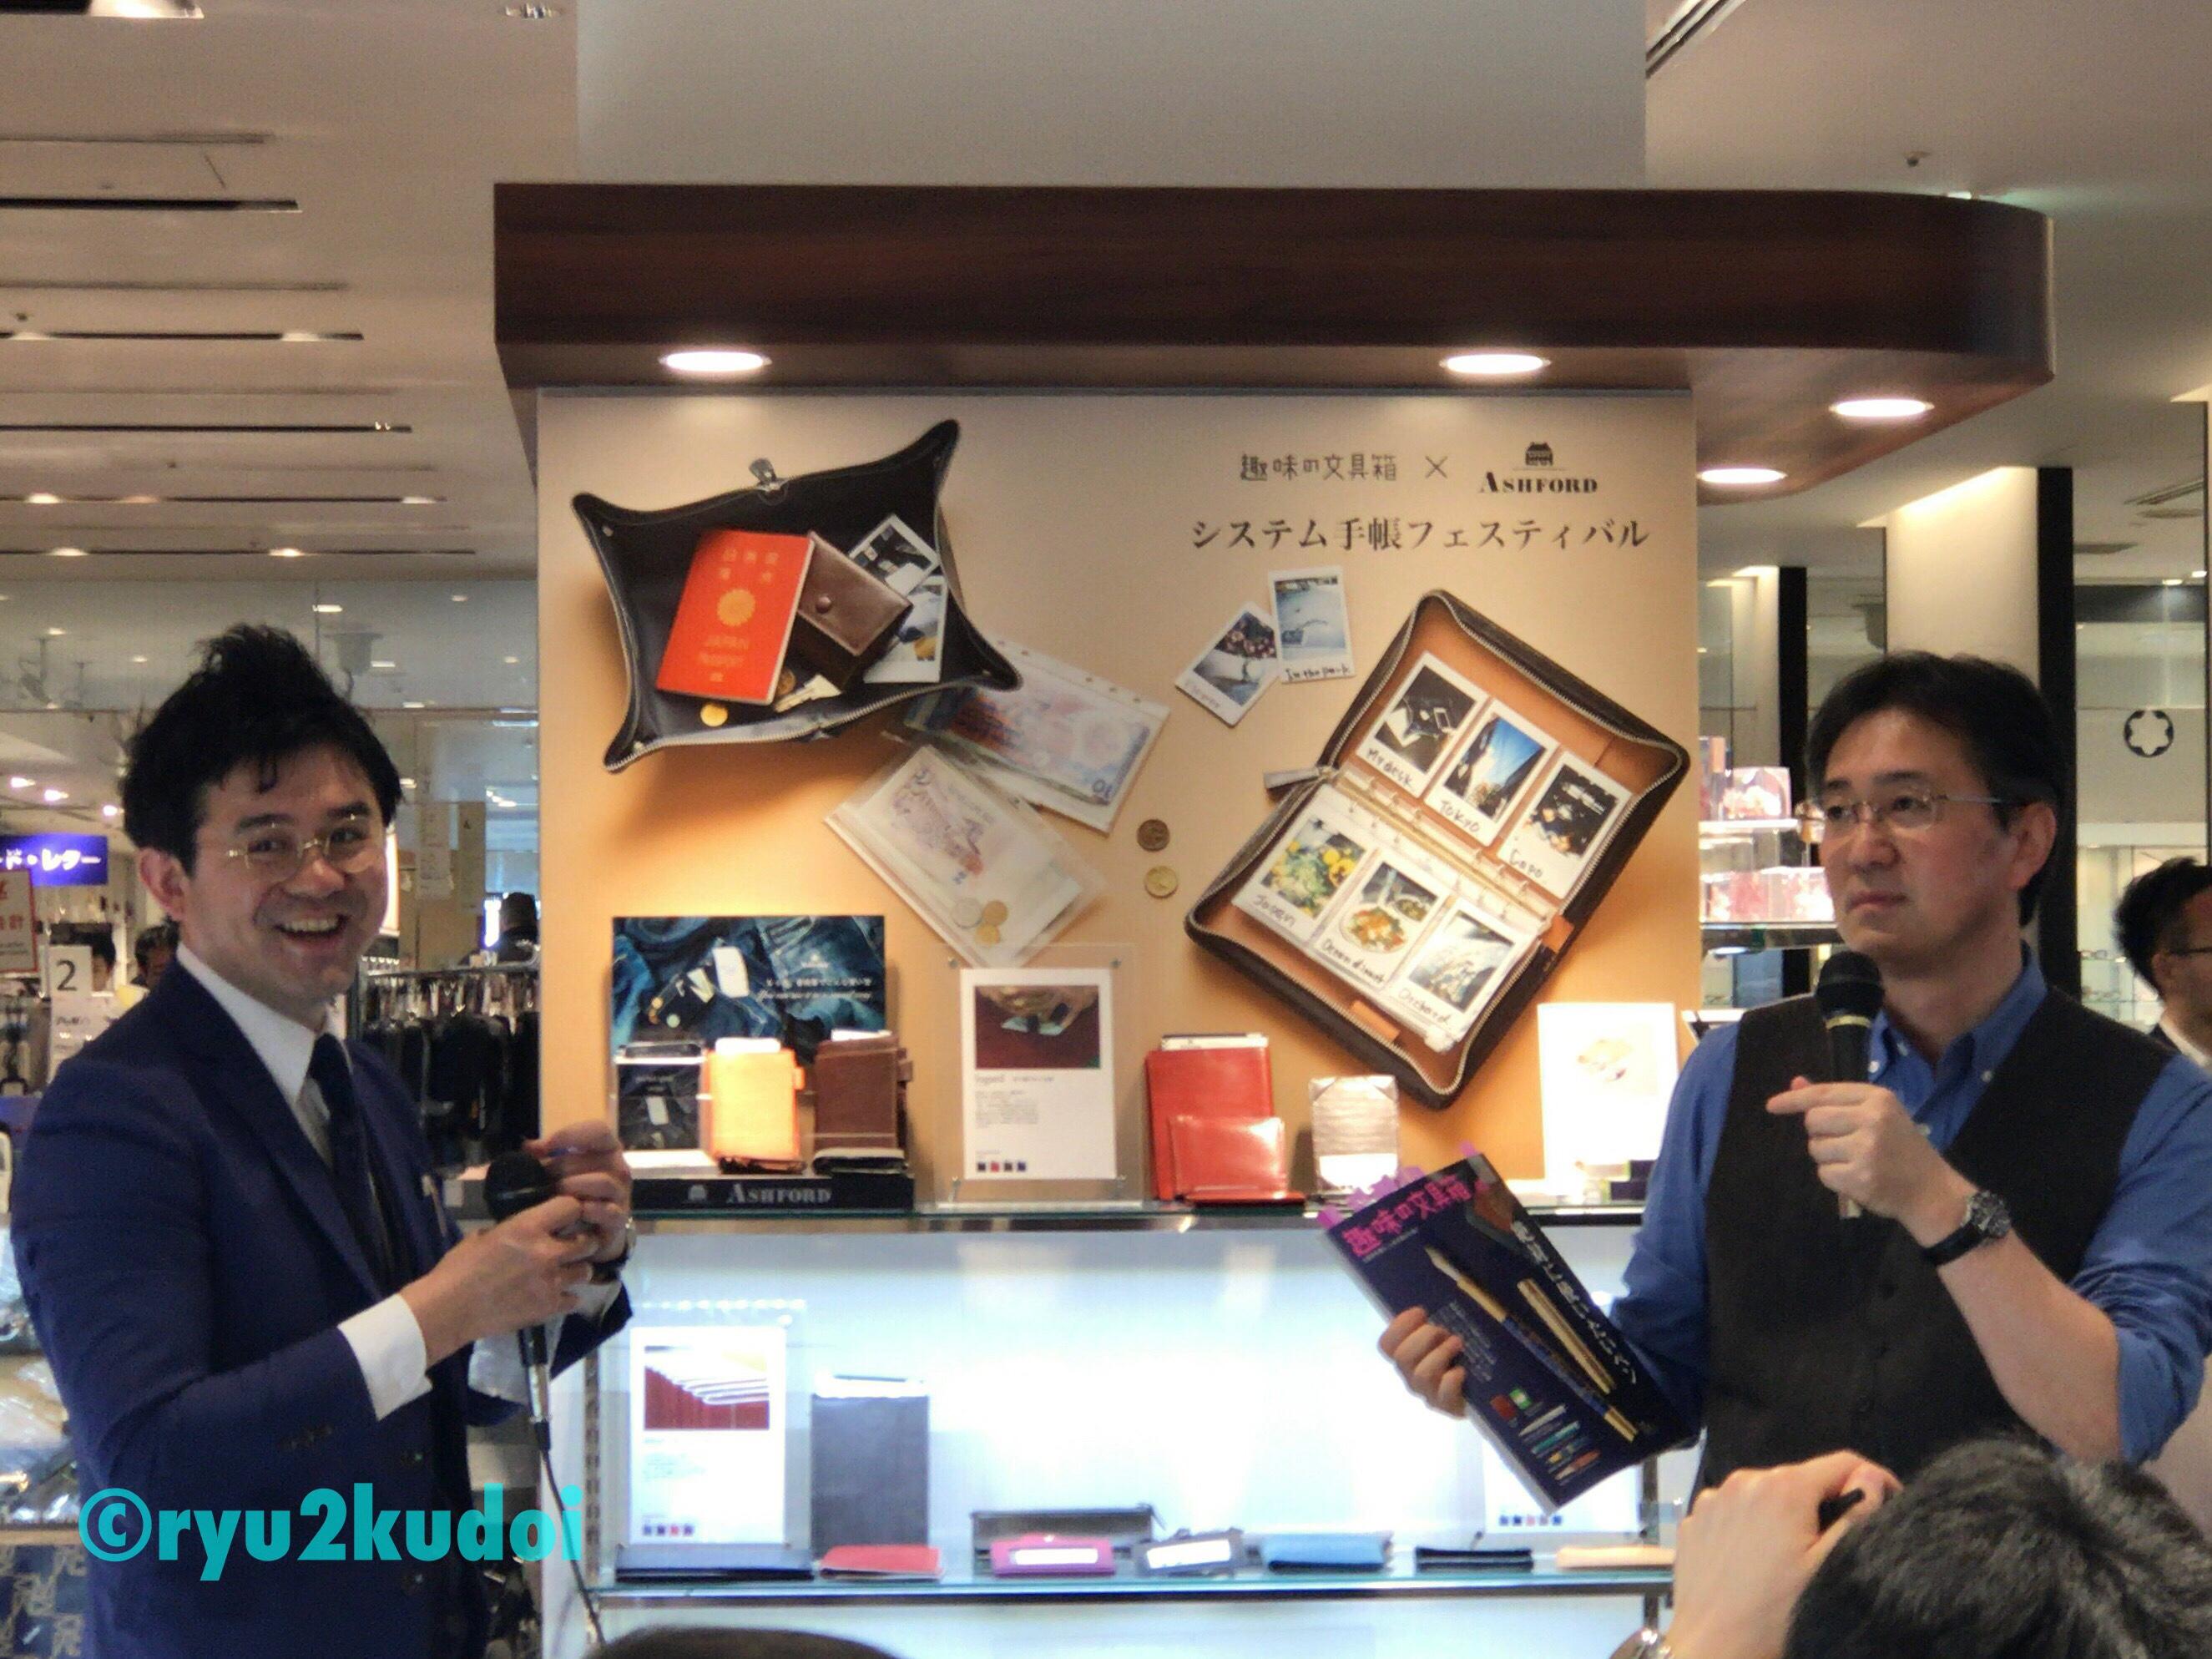 趣味の文具箱×ASHFORD システム手帳フェスティバル @丸善丸の内本店 TALK SHOW